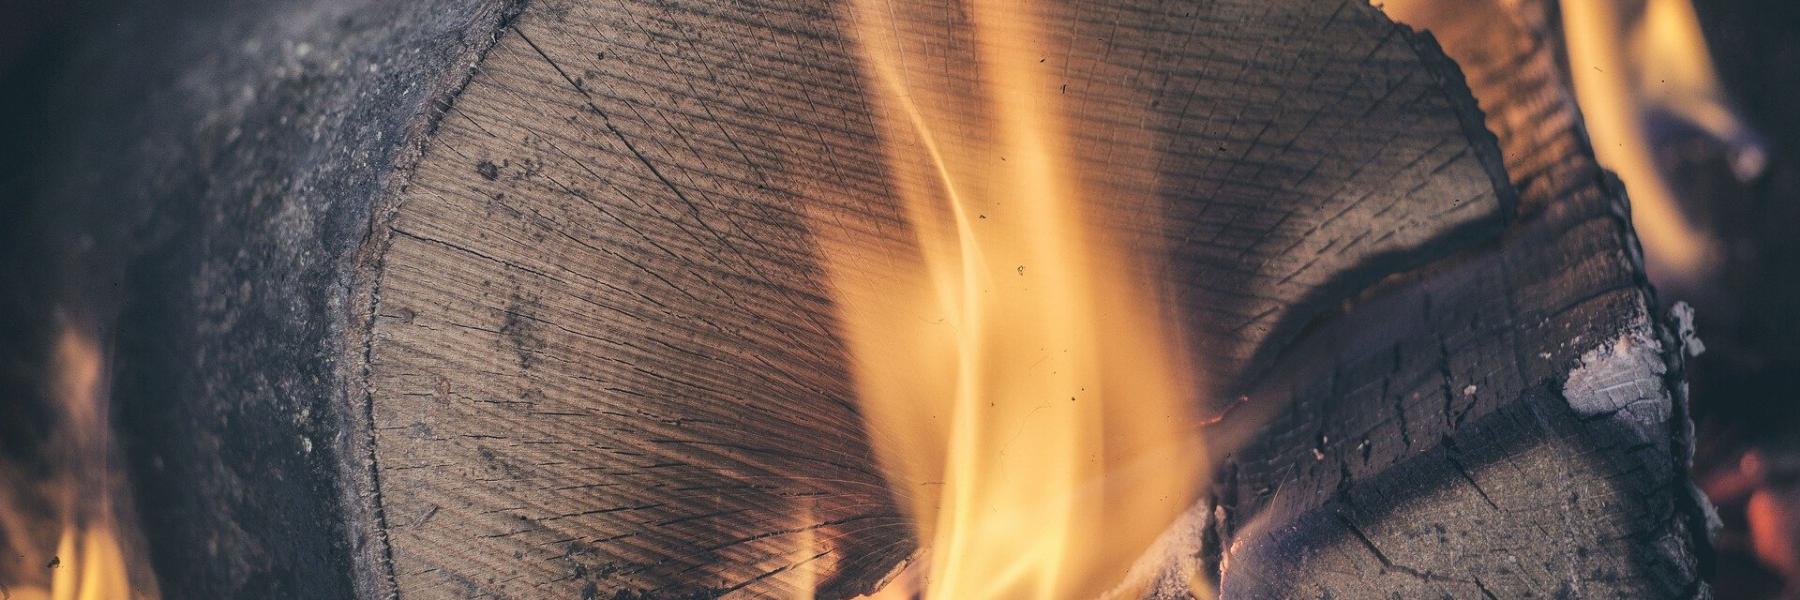 Inserts cheminées poêles Mont-de-Marsan